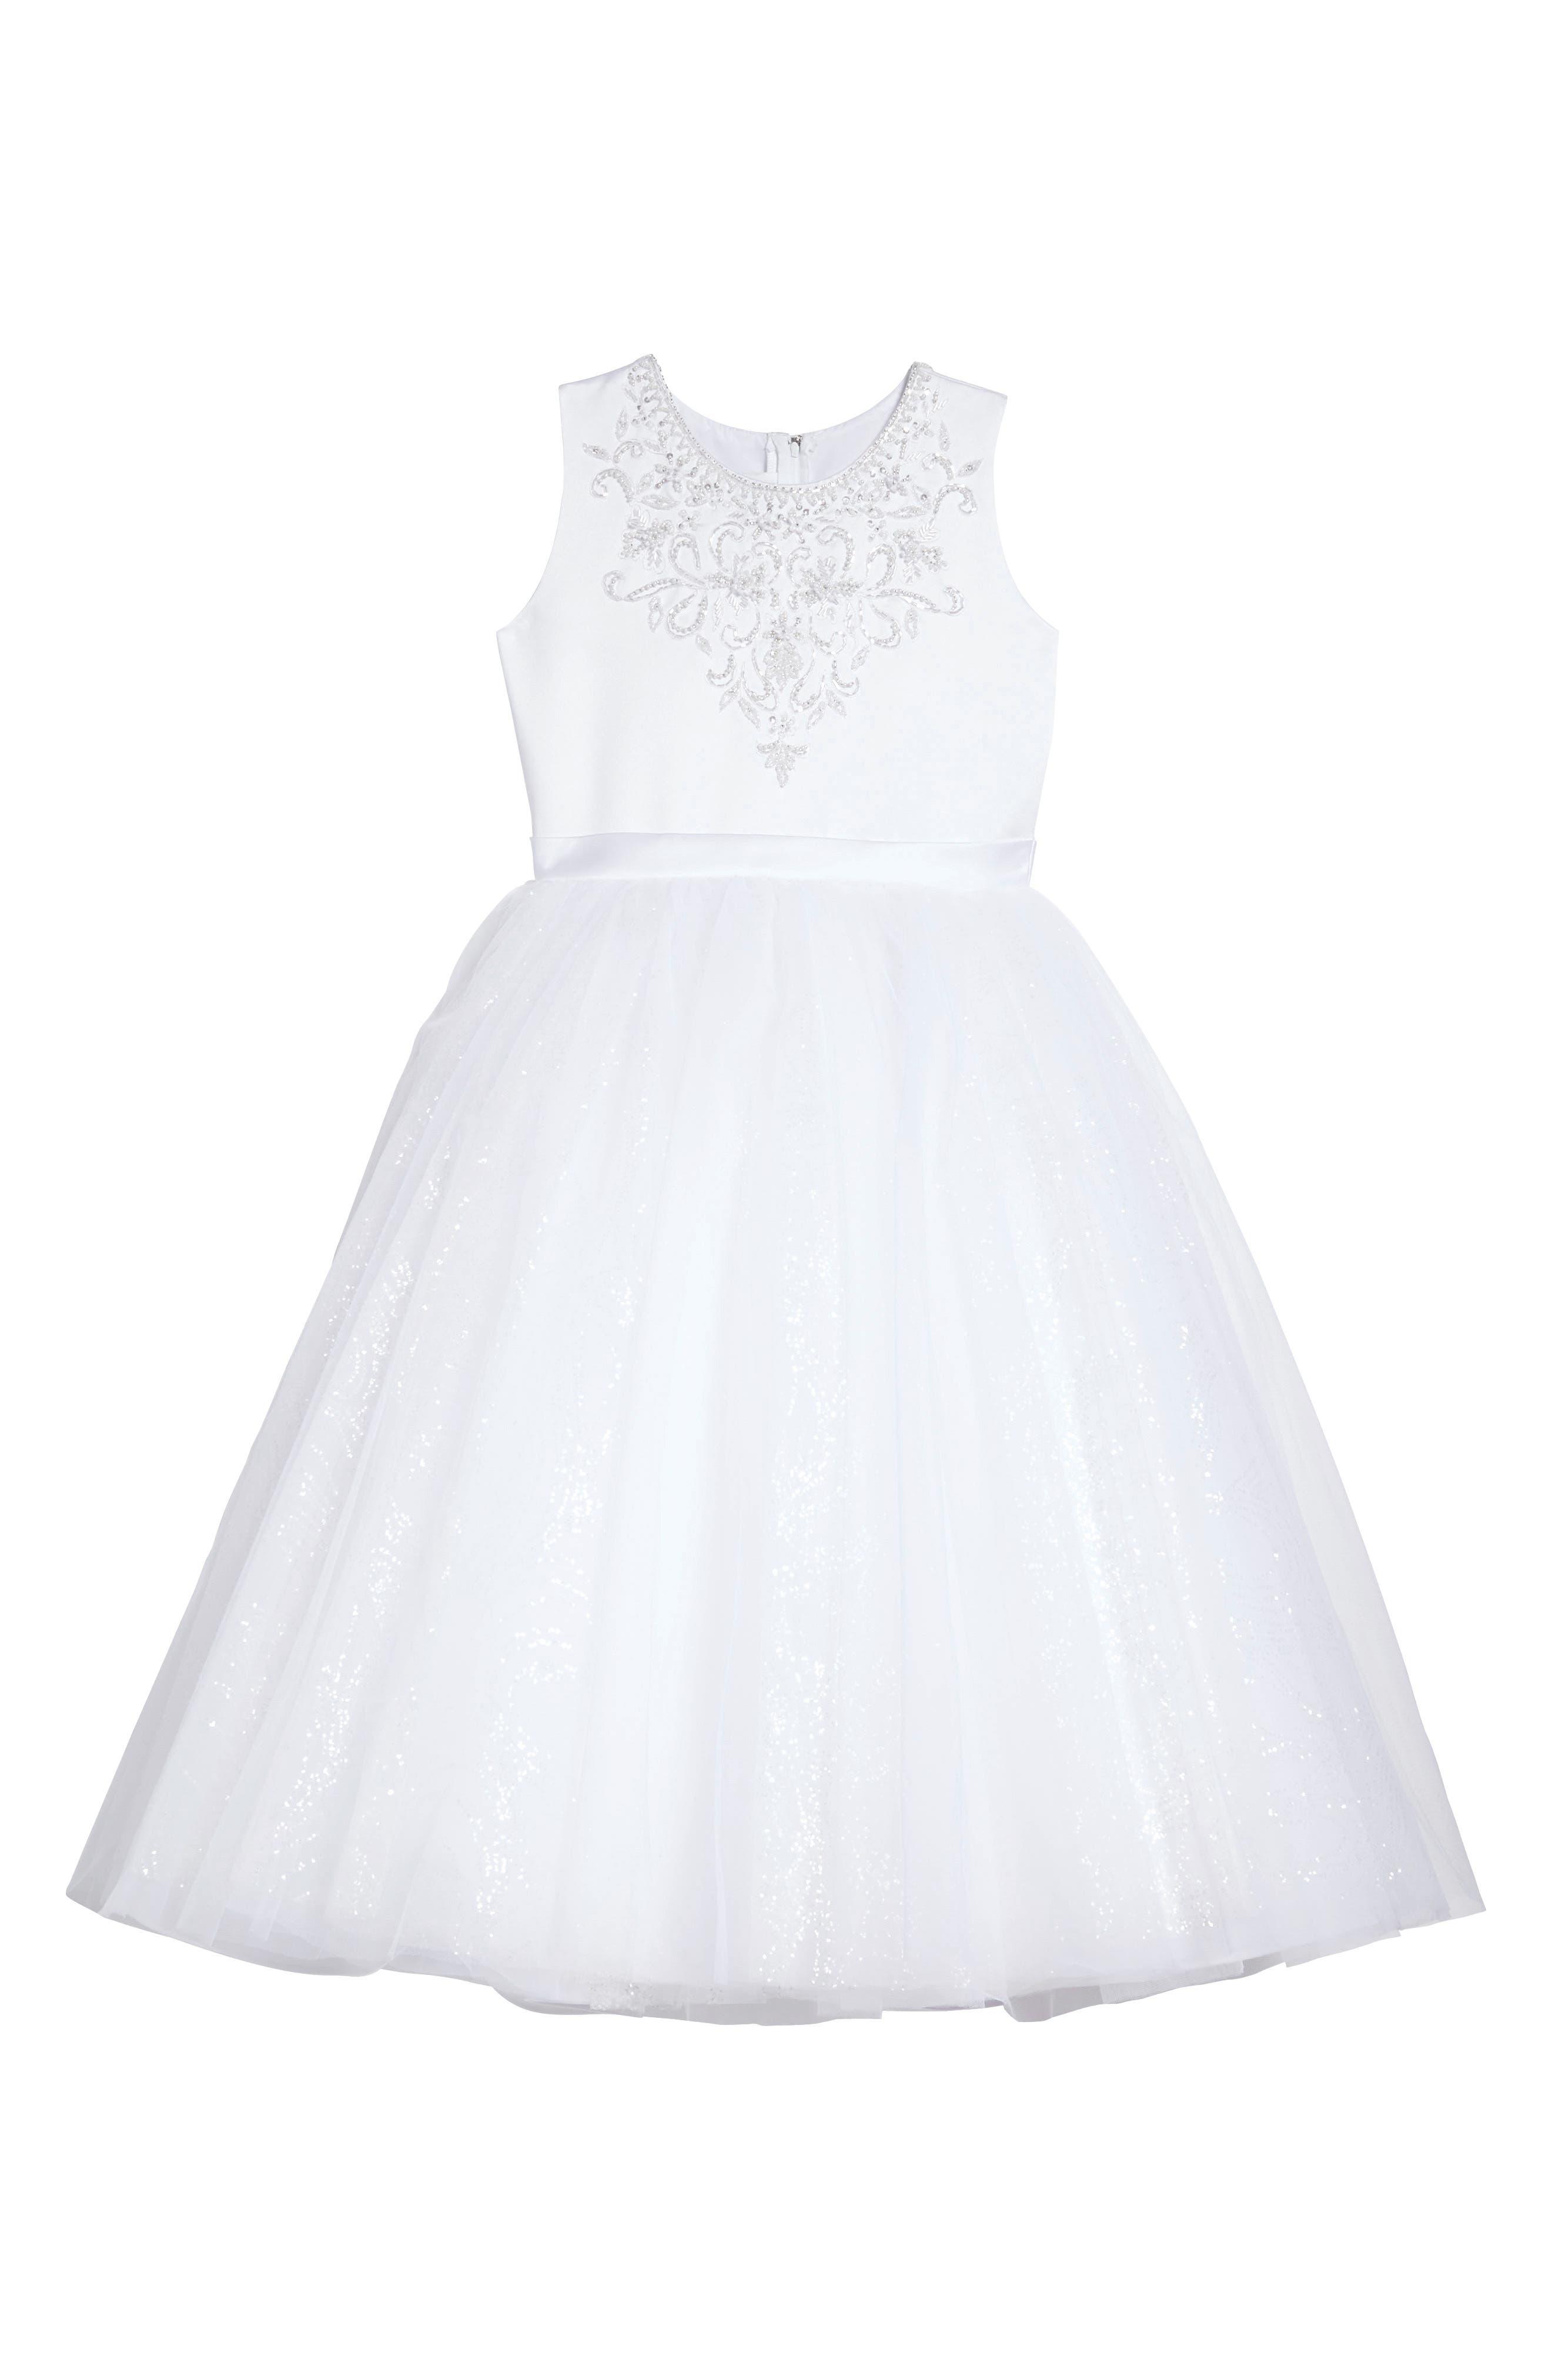 Joan Calabrese for Mon Cheri Beaded Satin & Tulle First Communion Dress (Little Girls & Big Girls)